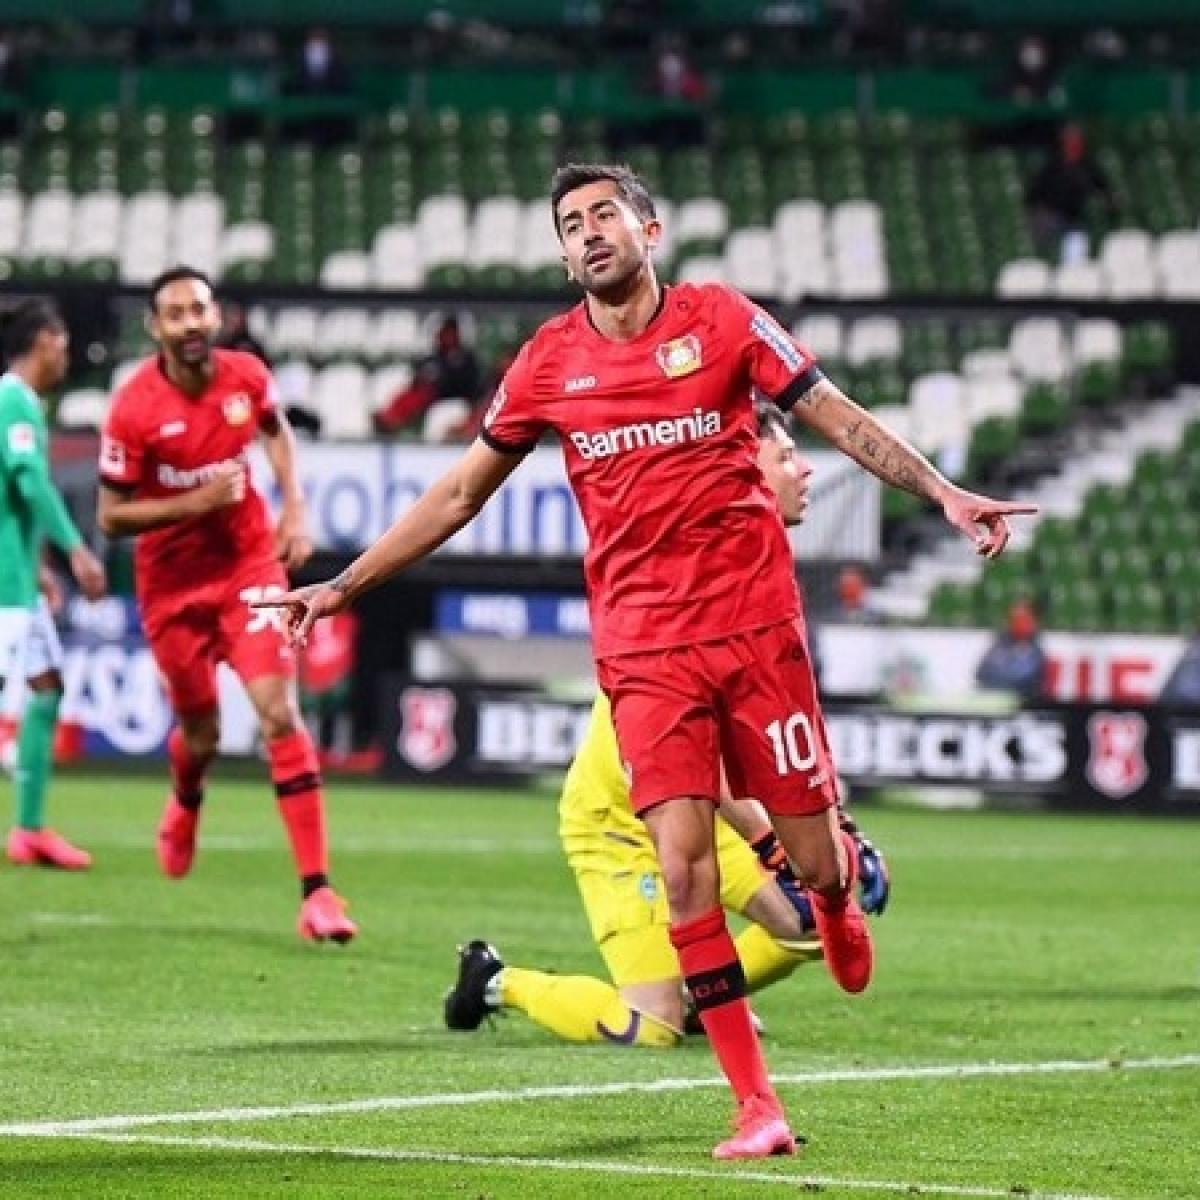 Bundesliga: Bayer Leverkusen thrash Werder Bremen by 4-1